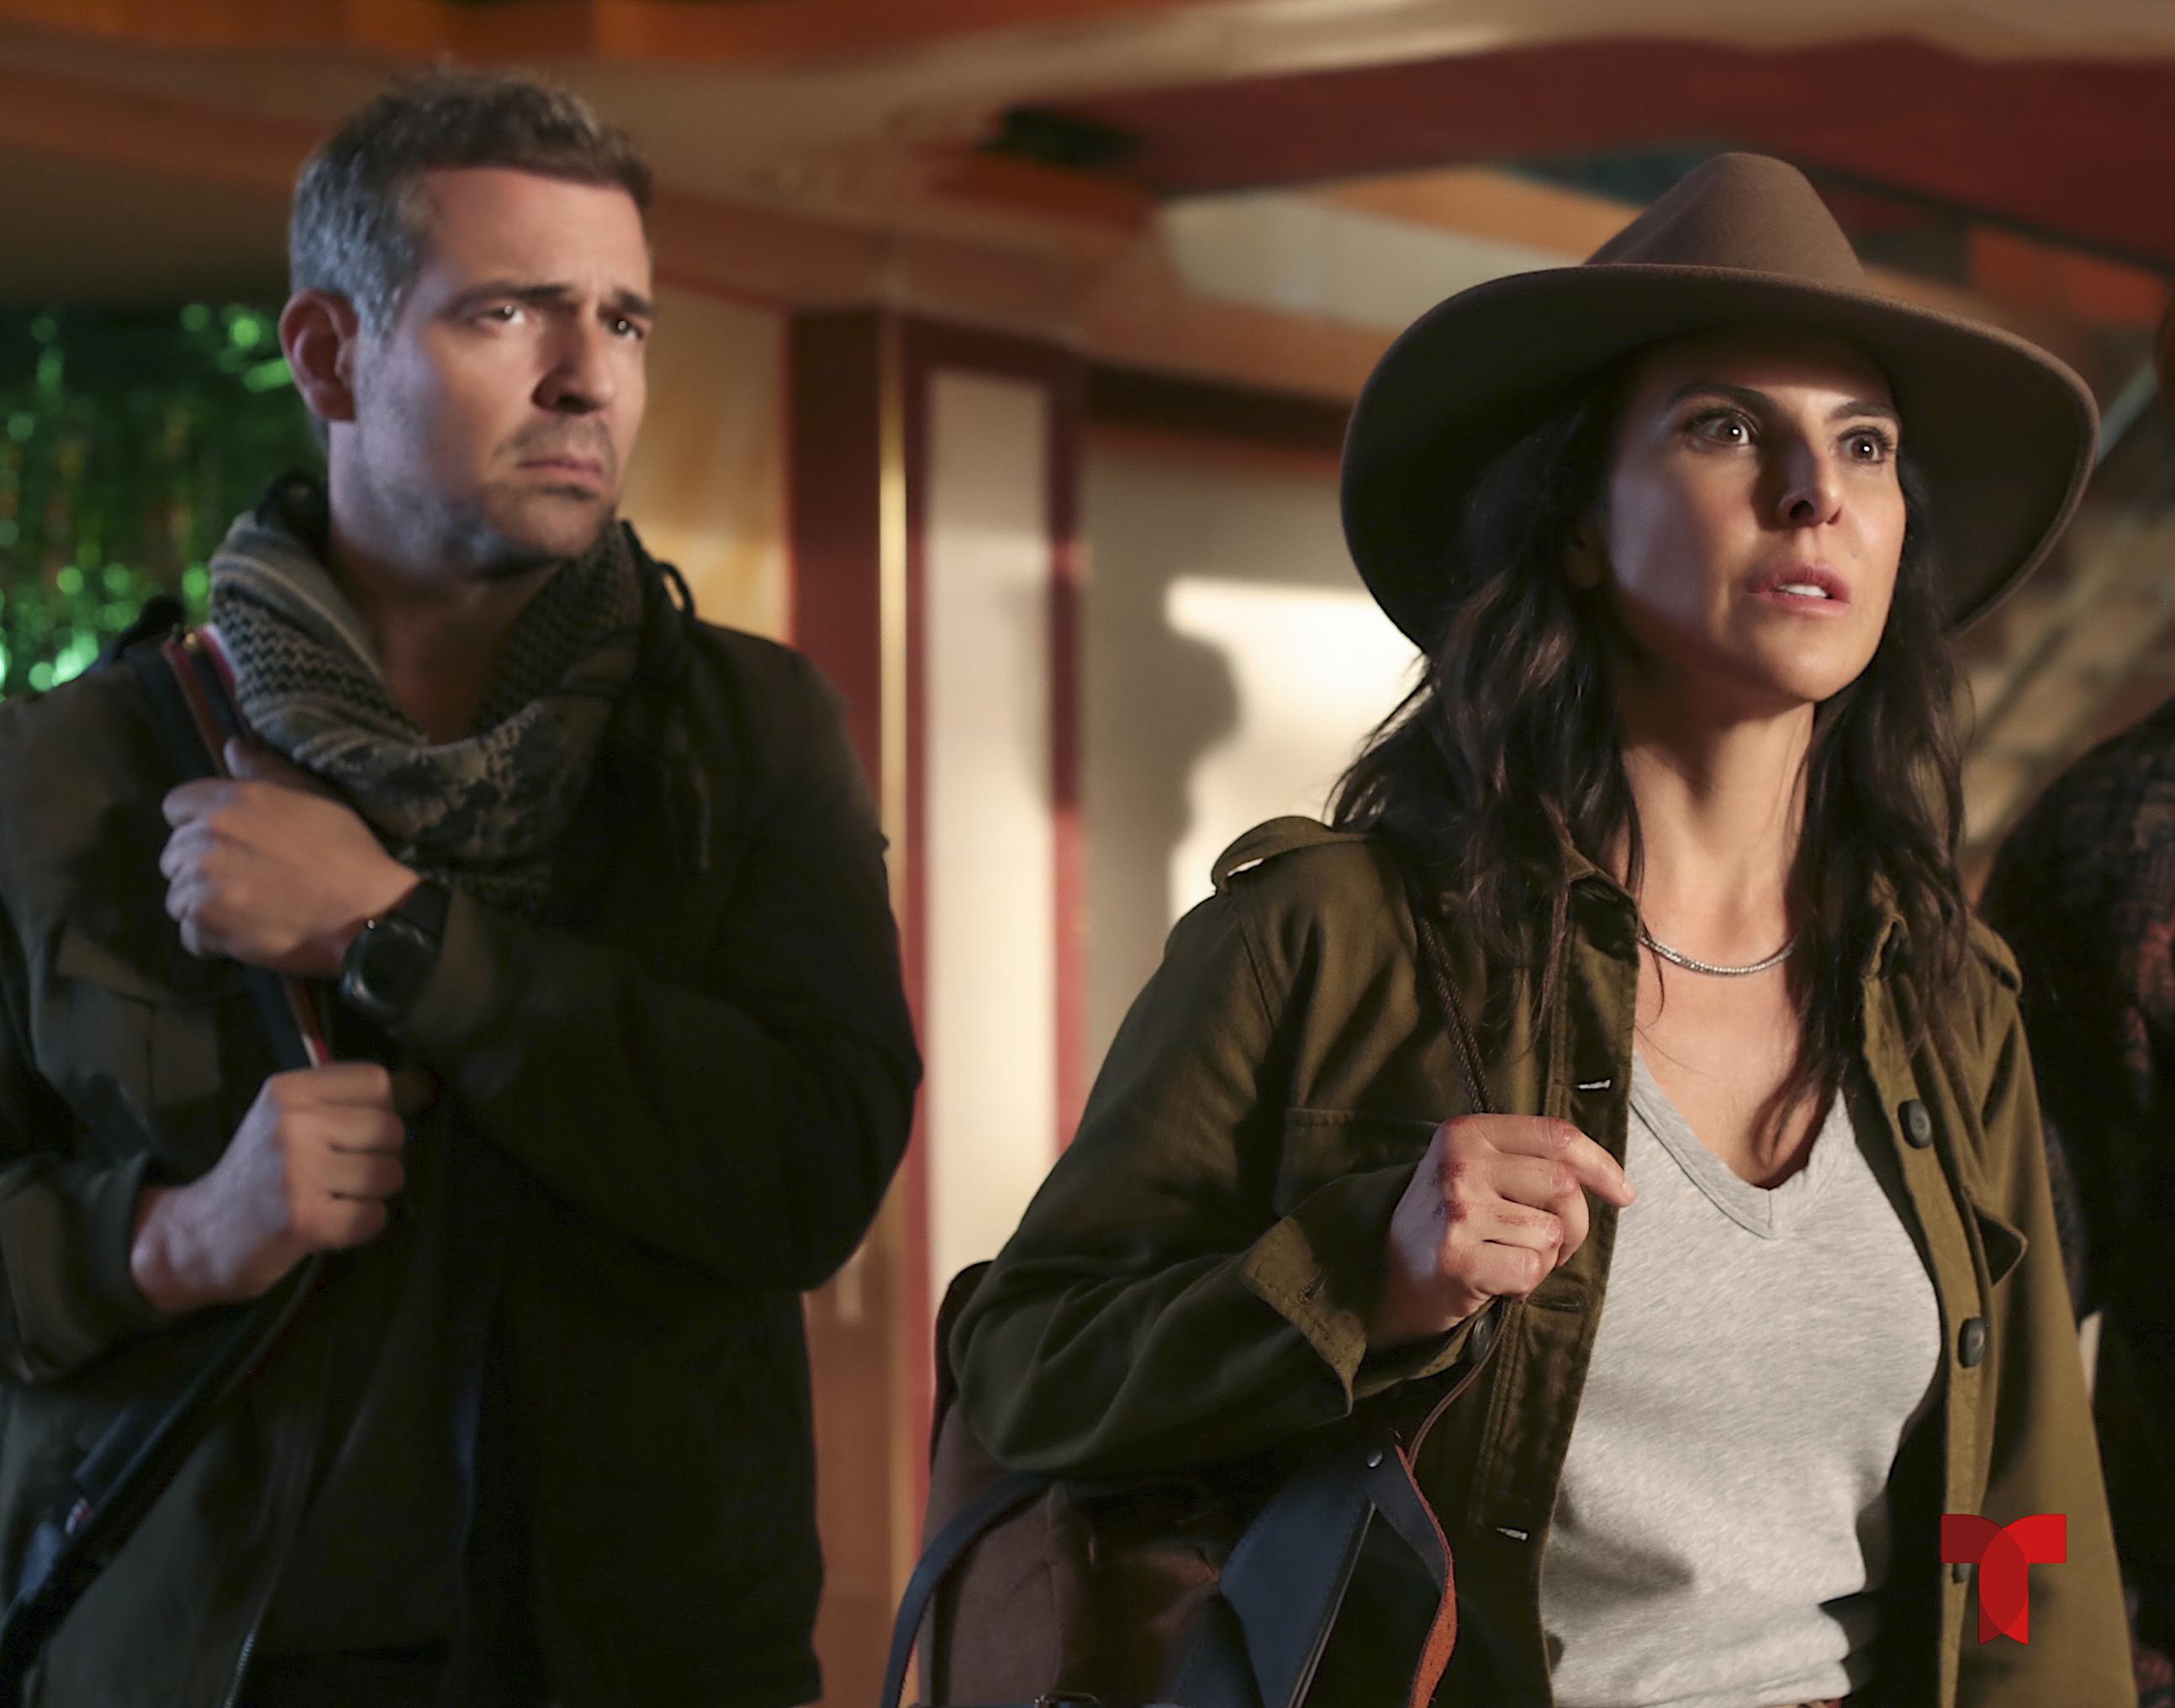 Pêpê Rapazote y Kate del Castillo en escena de 'La Reina del Sur 3'.